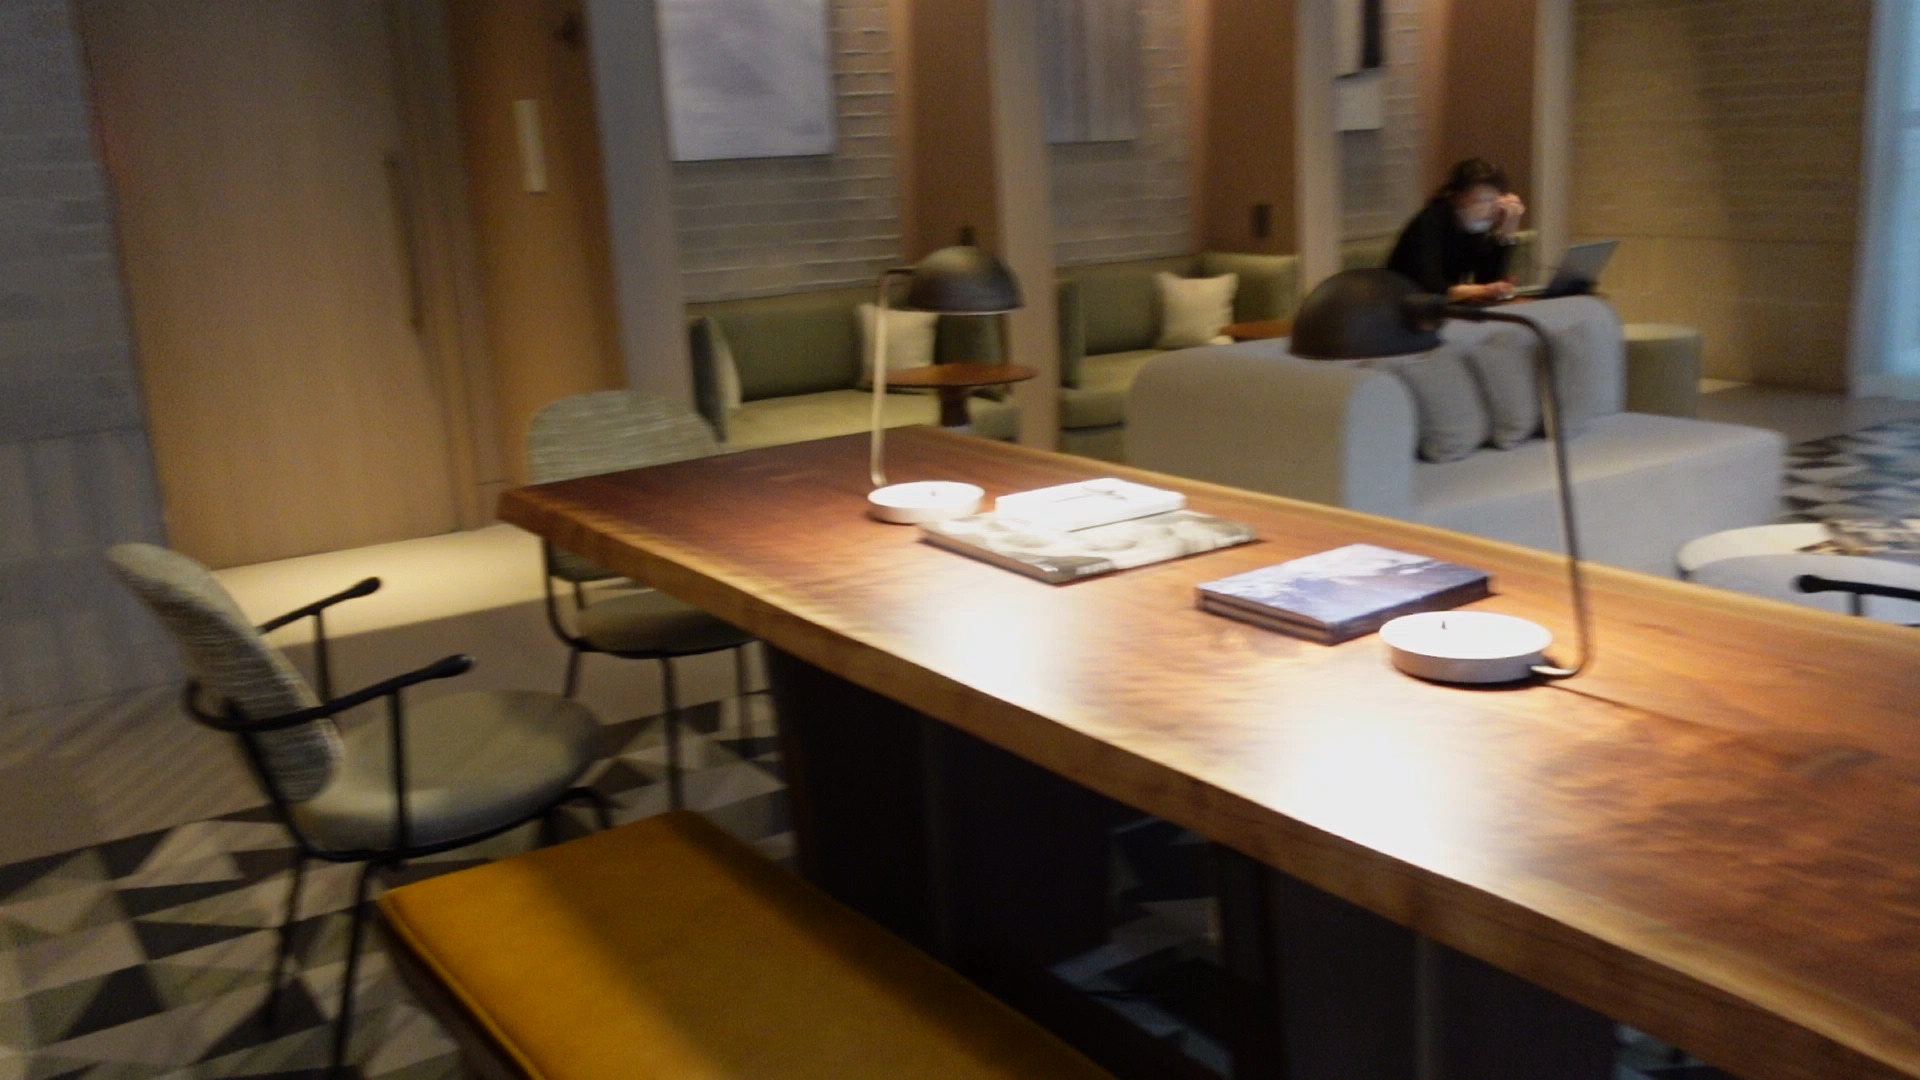 2020年7月にNew OpenしたZentis OSAKAに宿泊してみたらスタイリッシュかつ朝食が美味しい!?_2